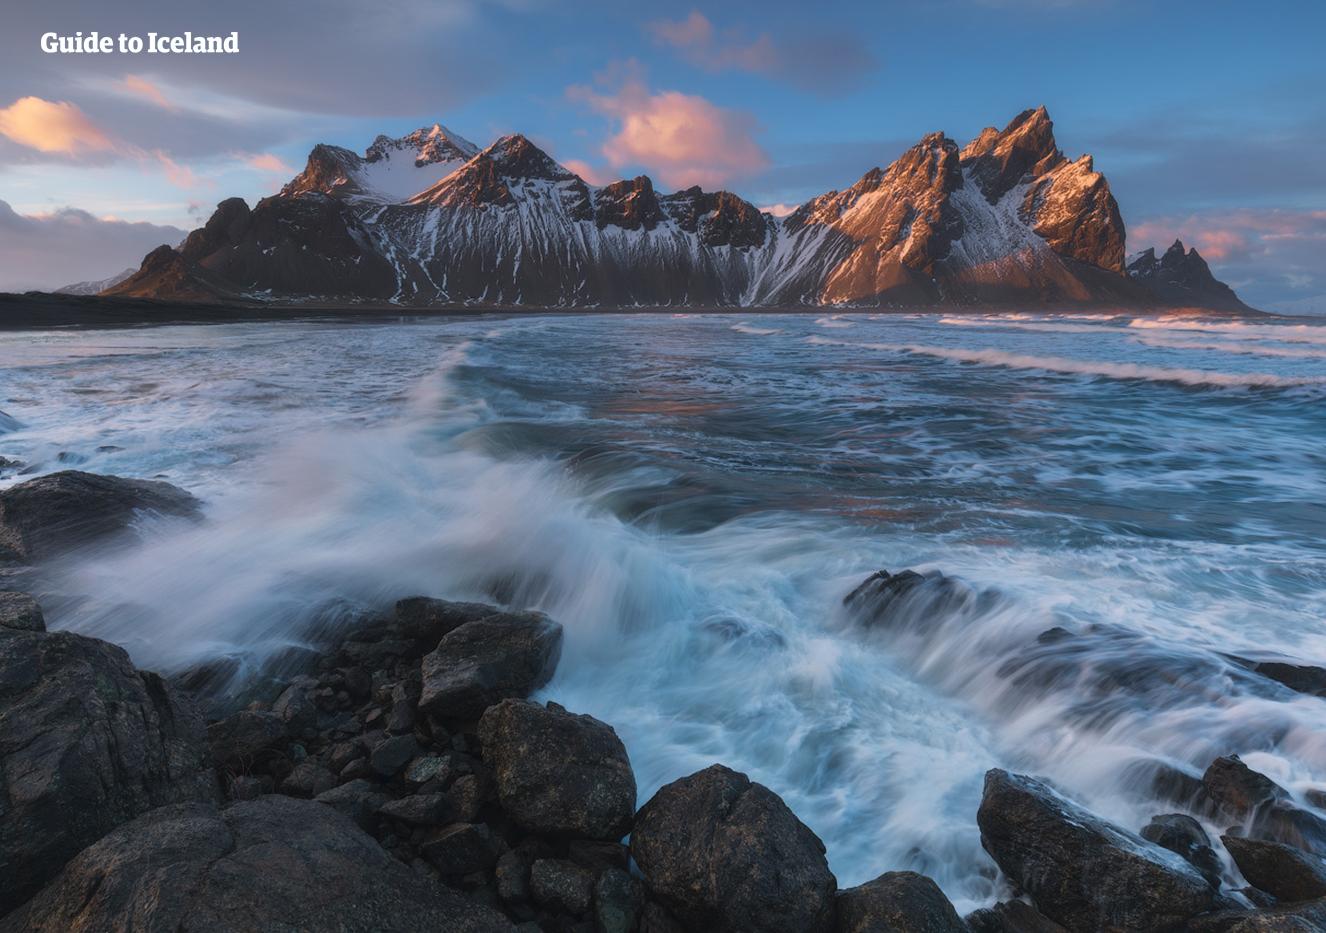 8-дневный зимний пакетный тур | Кольцевая дорога Исландии в маленькой группе - day 5